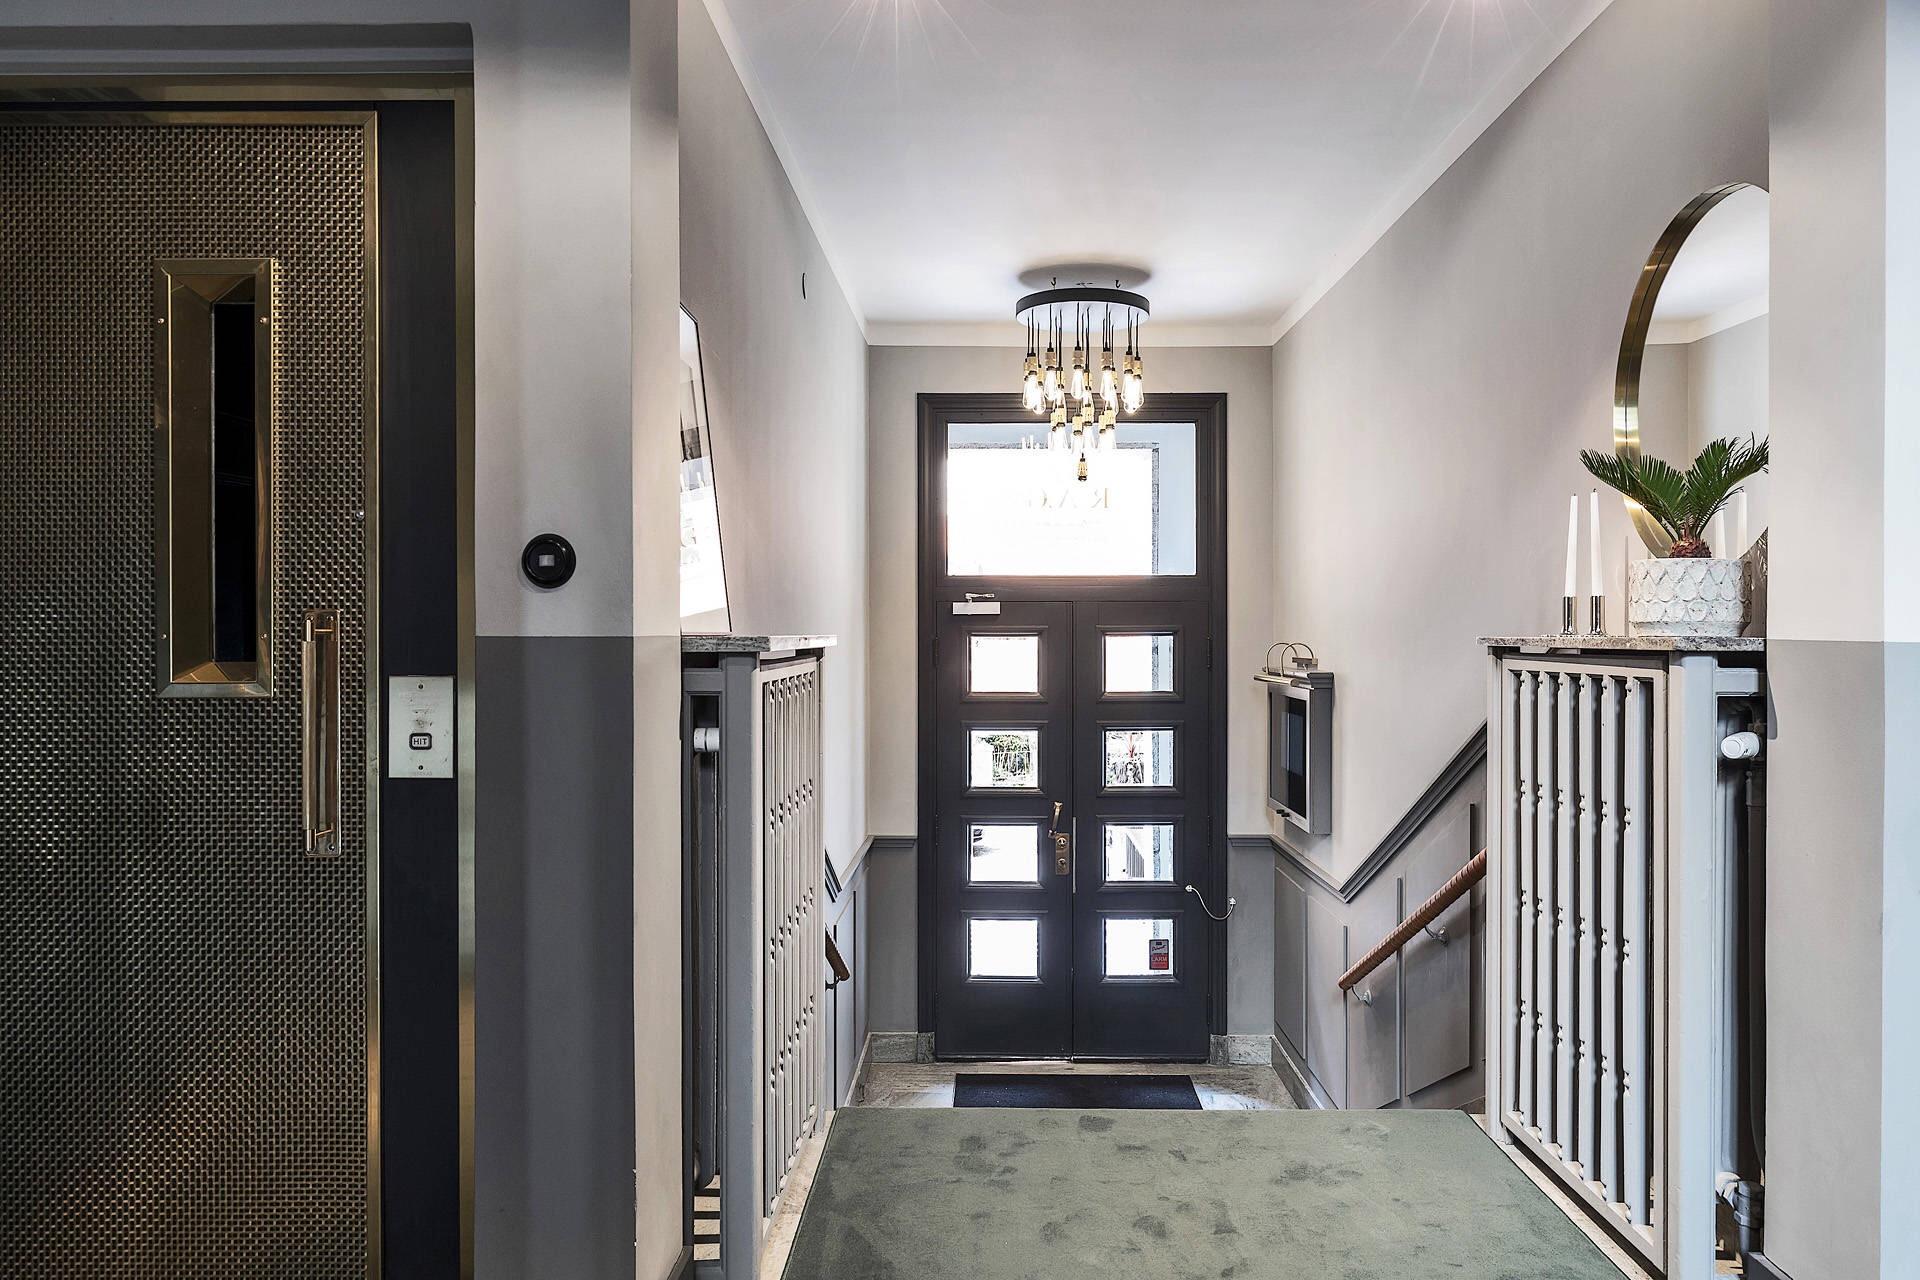 парадная подъезд входная дверь лестница